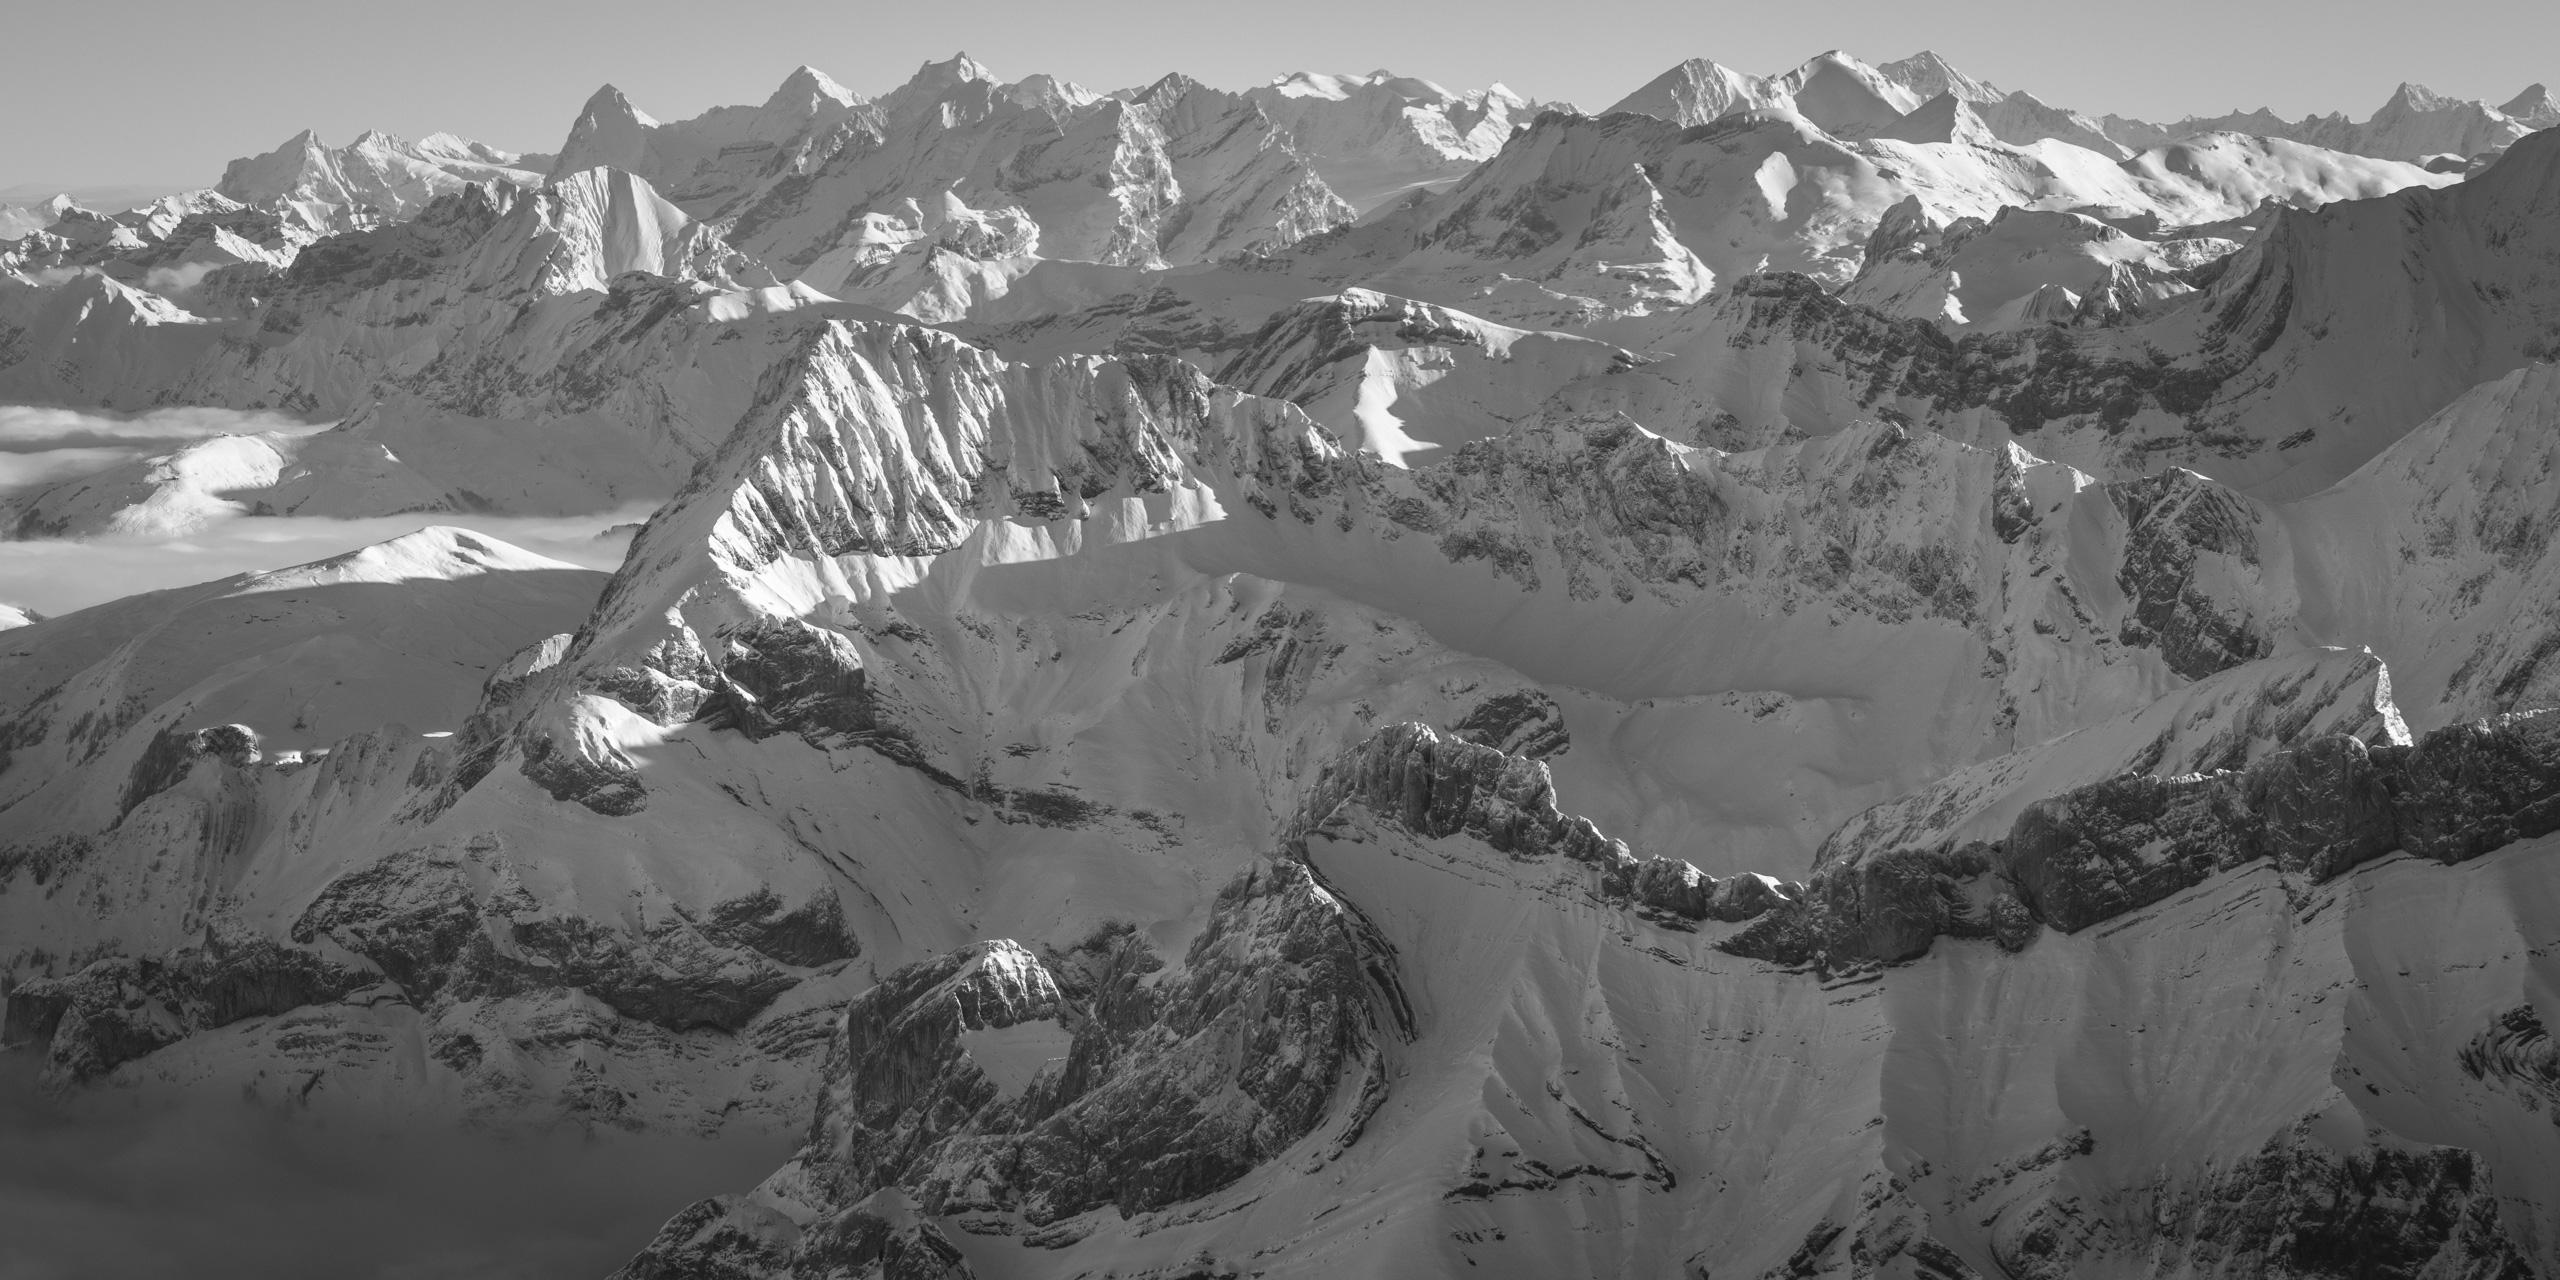 Panorama des alpes bernoises - Photo des alpes bernoises depuis les Diablerets - Photo Eiger, Monch et Jungfrau